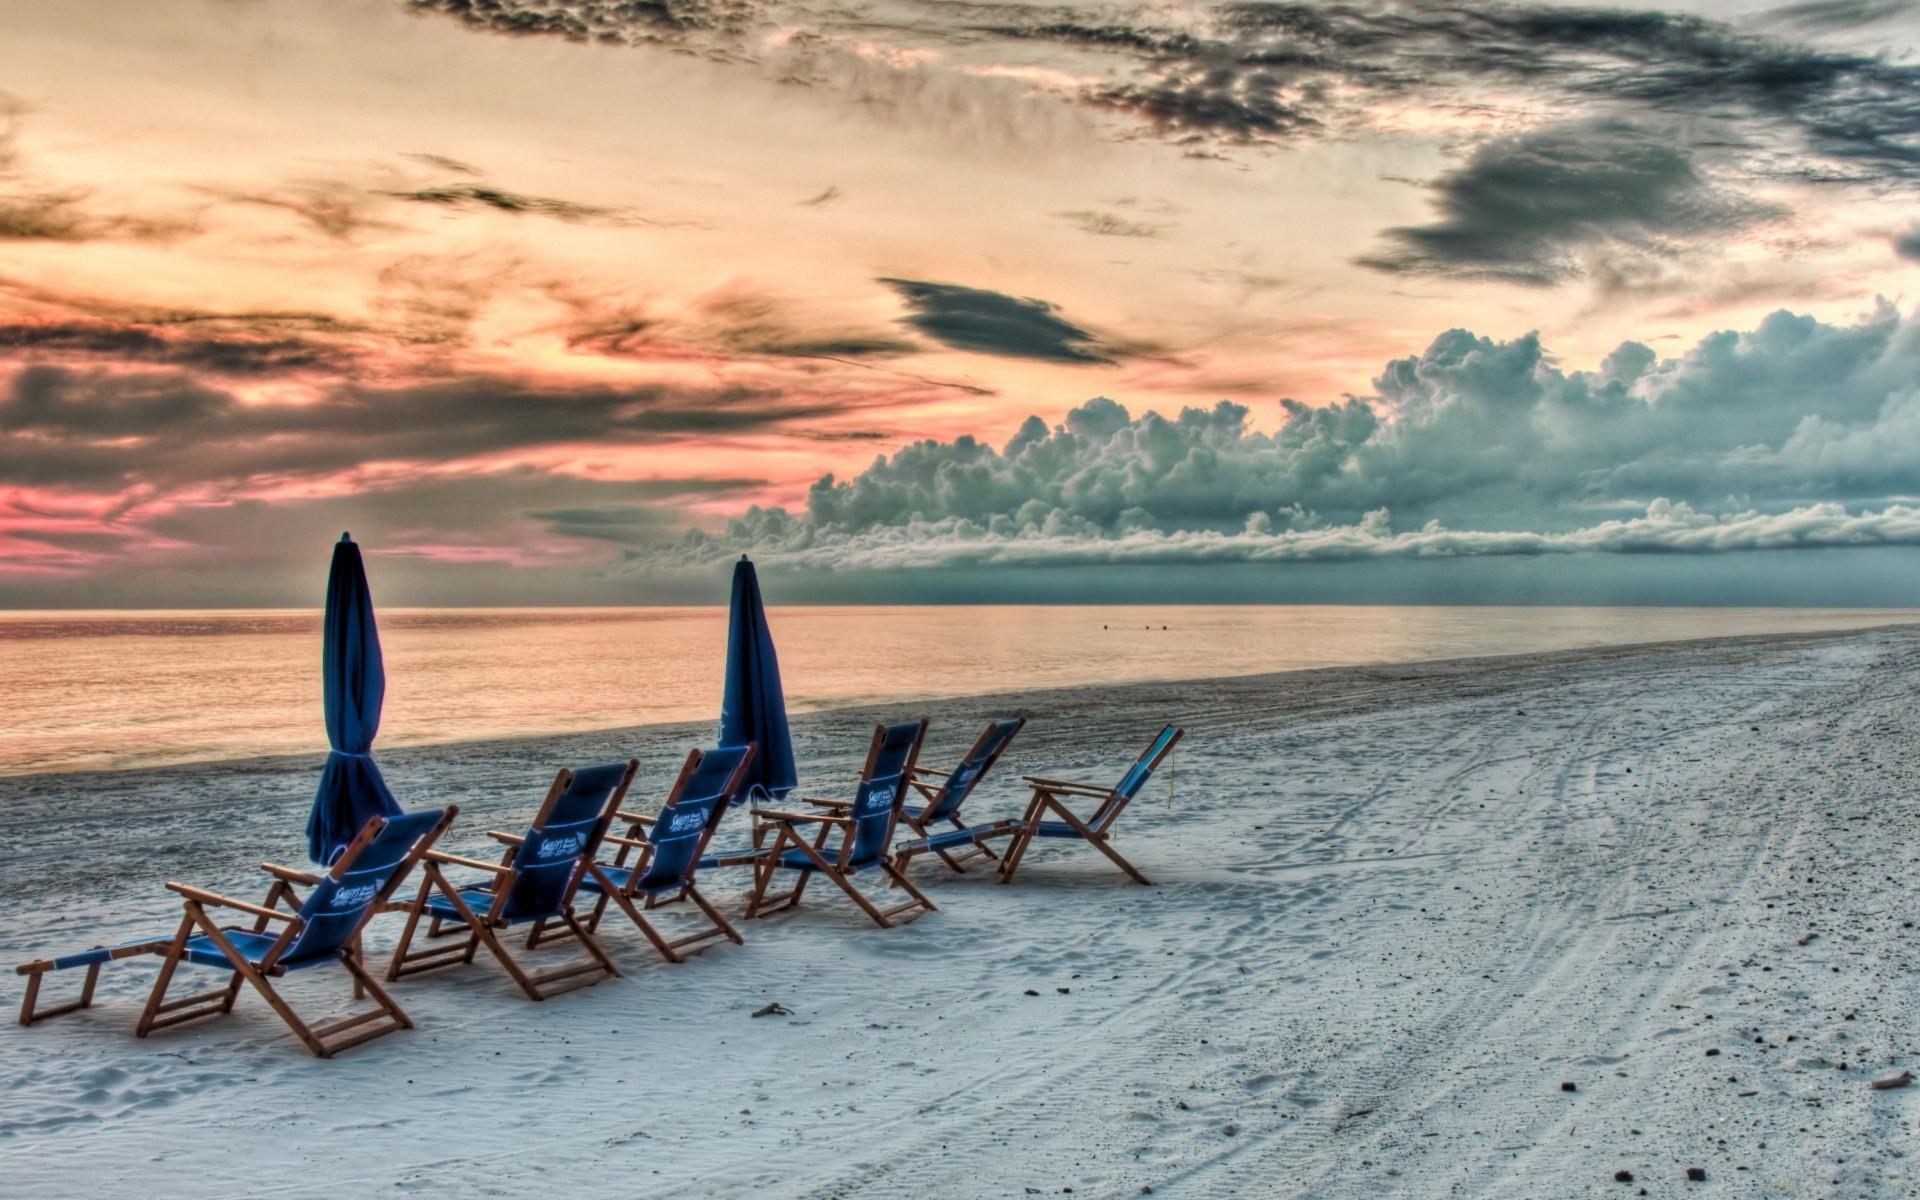 Pasar el día en la playa - 1920x1200